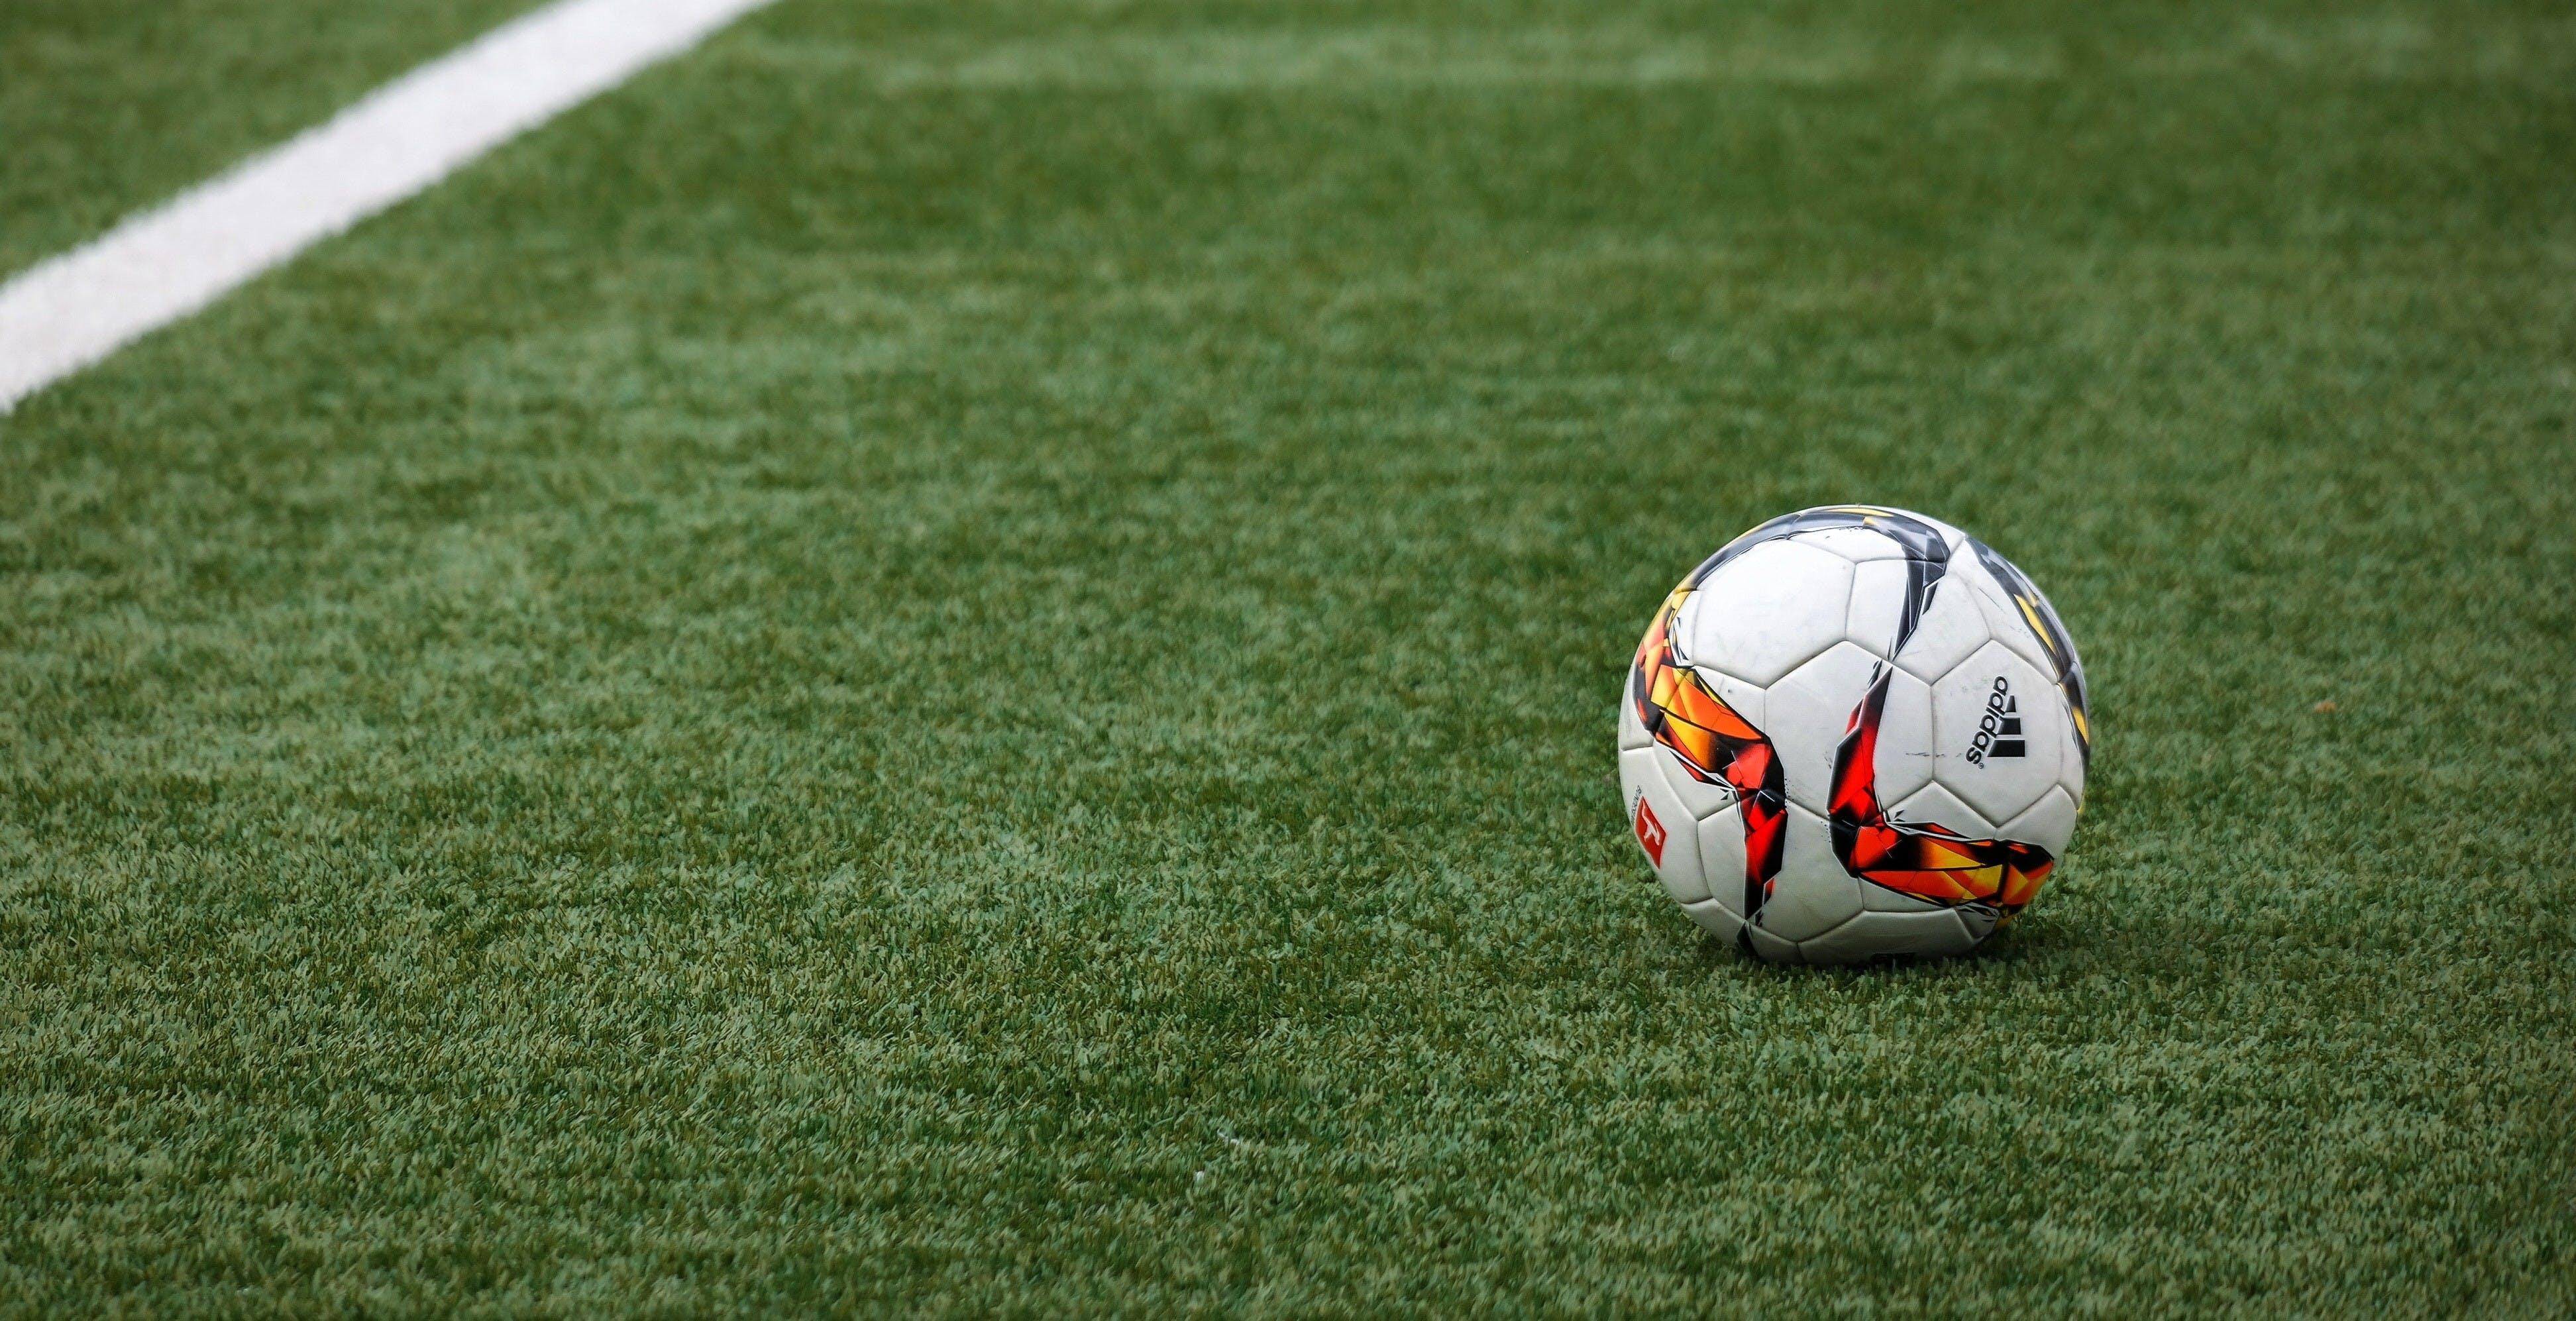 Pubblicato il bando dei diritti TV della Serie A. Pesa il divieto a Sky di avere esclusive online